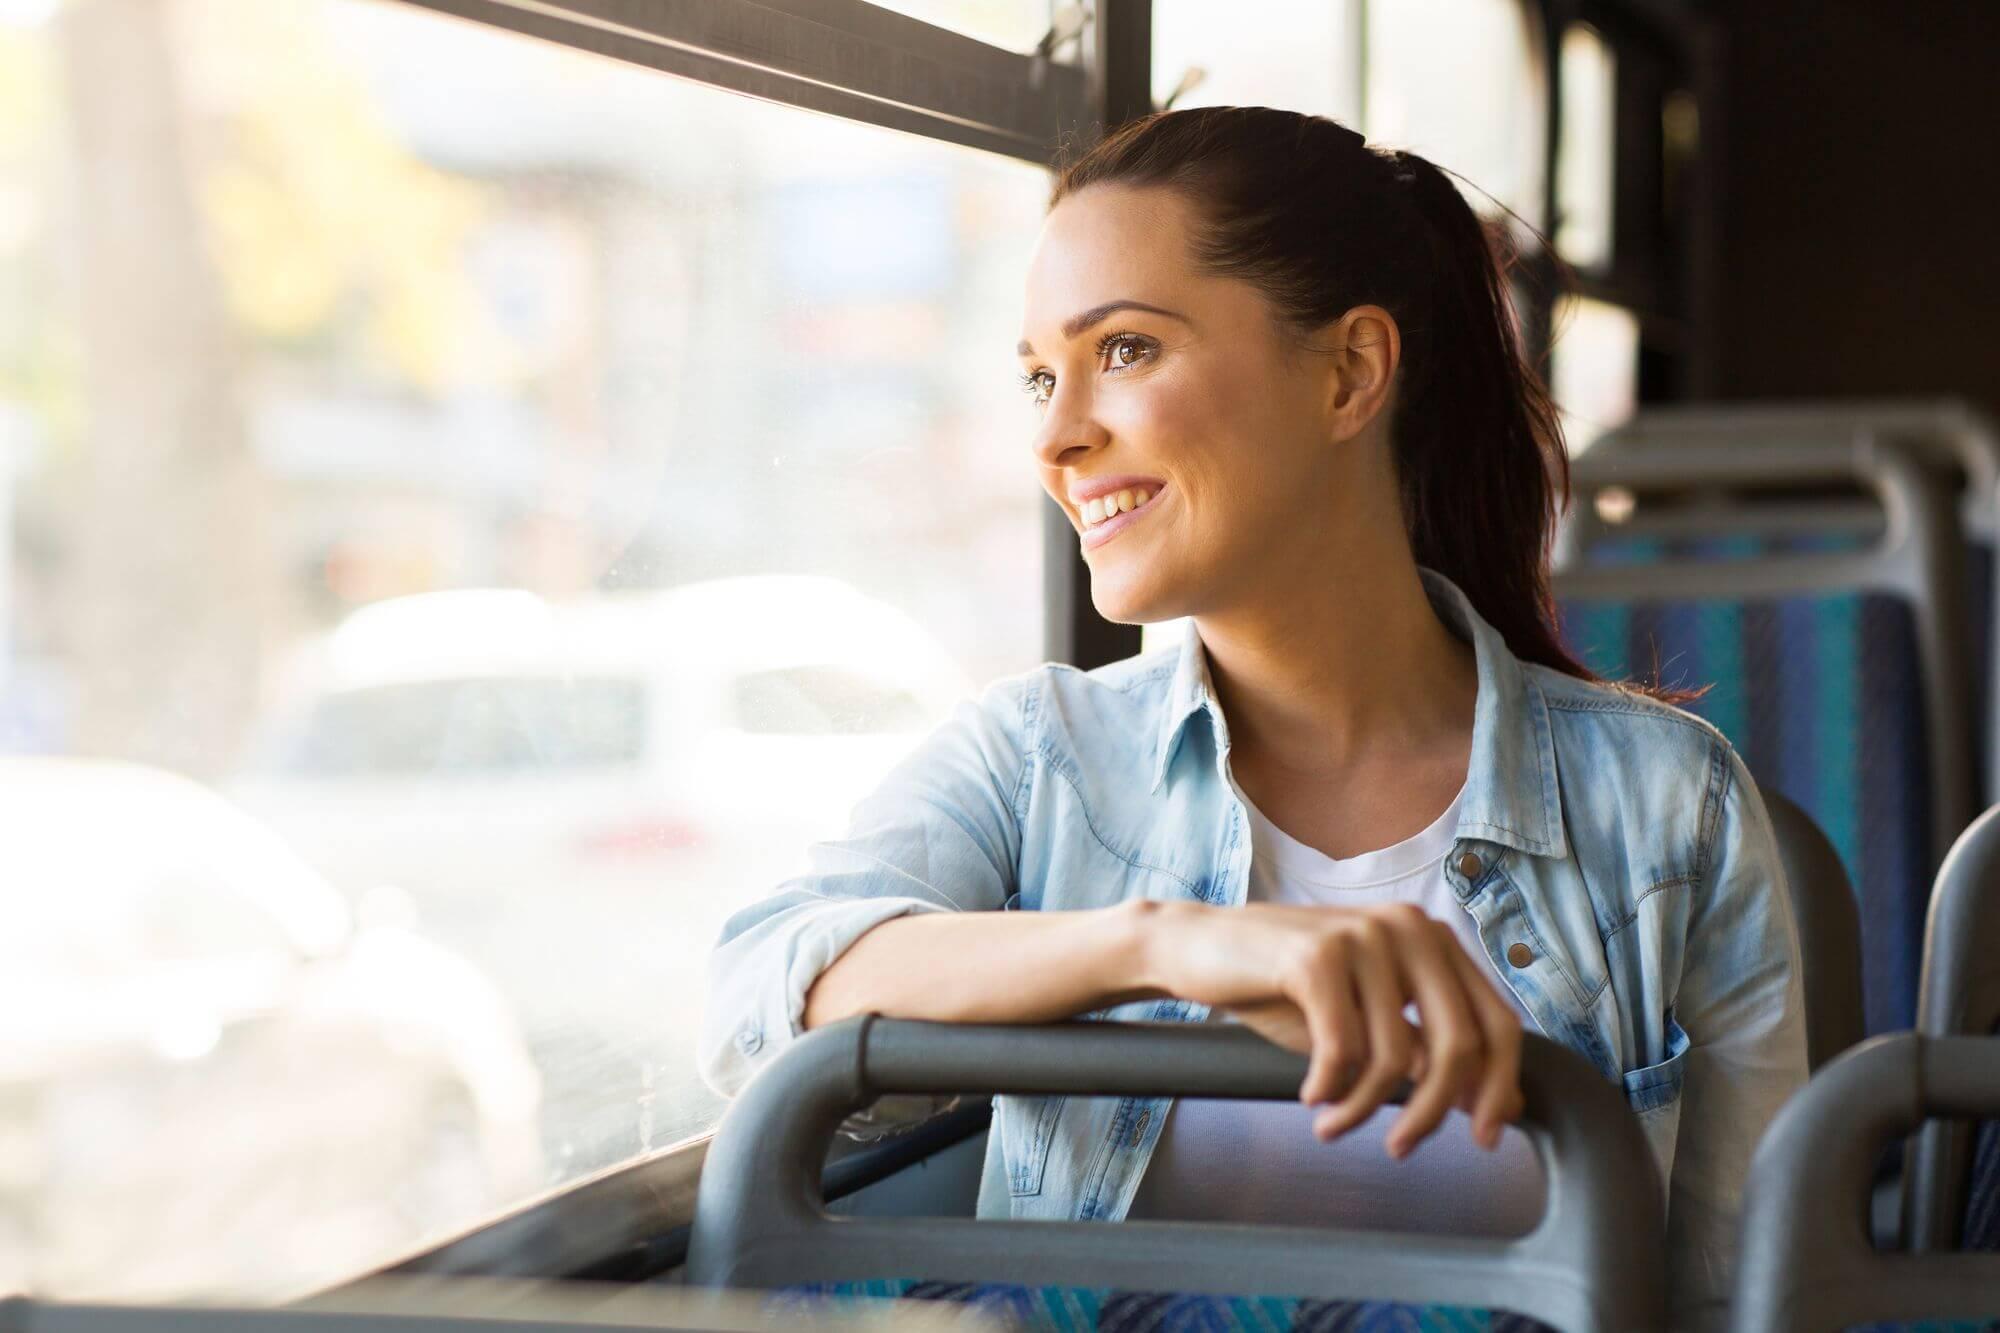 Vale transporte - Vale transporte pode ser pago em dinheiro